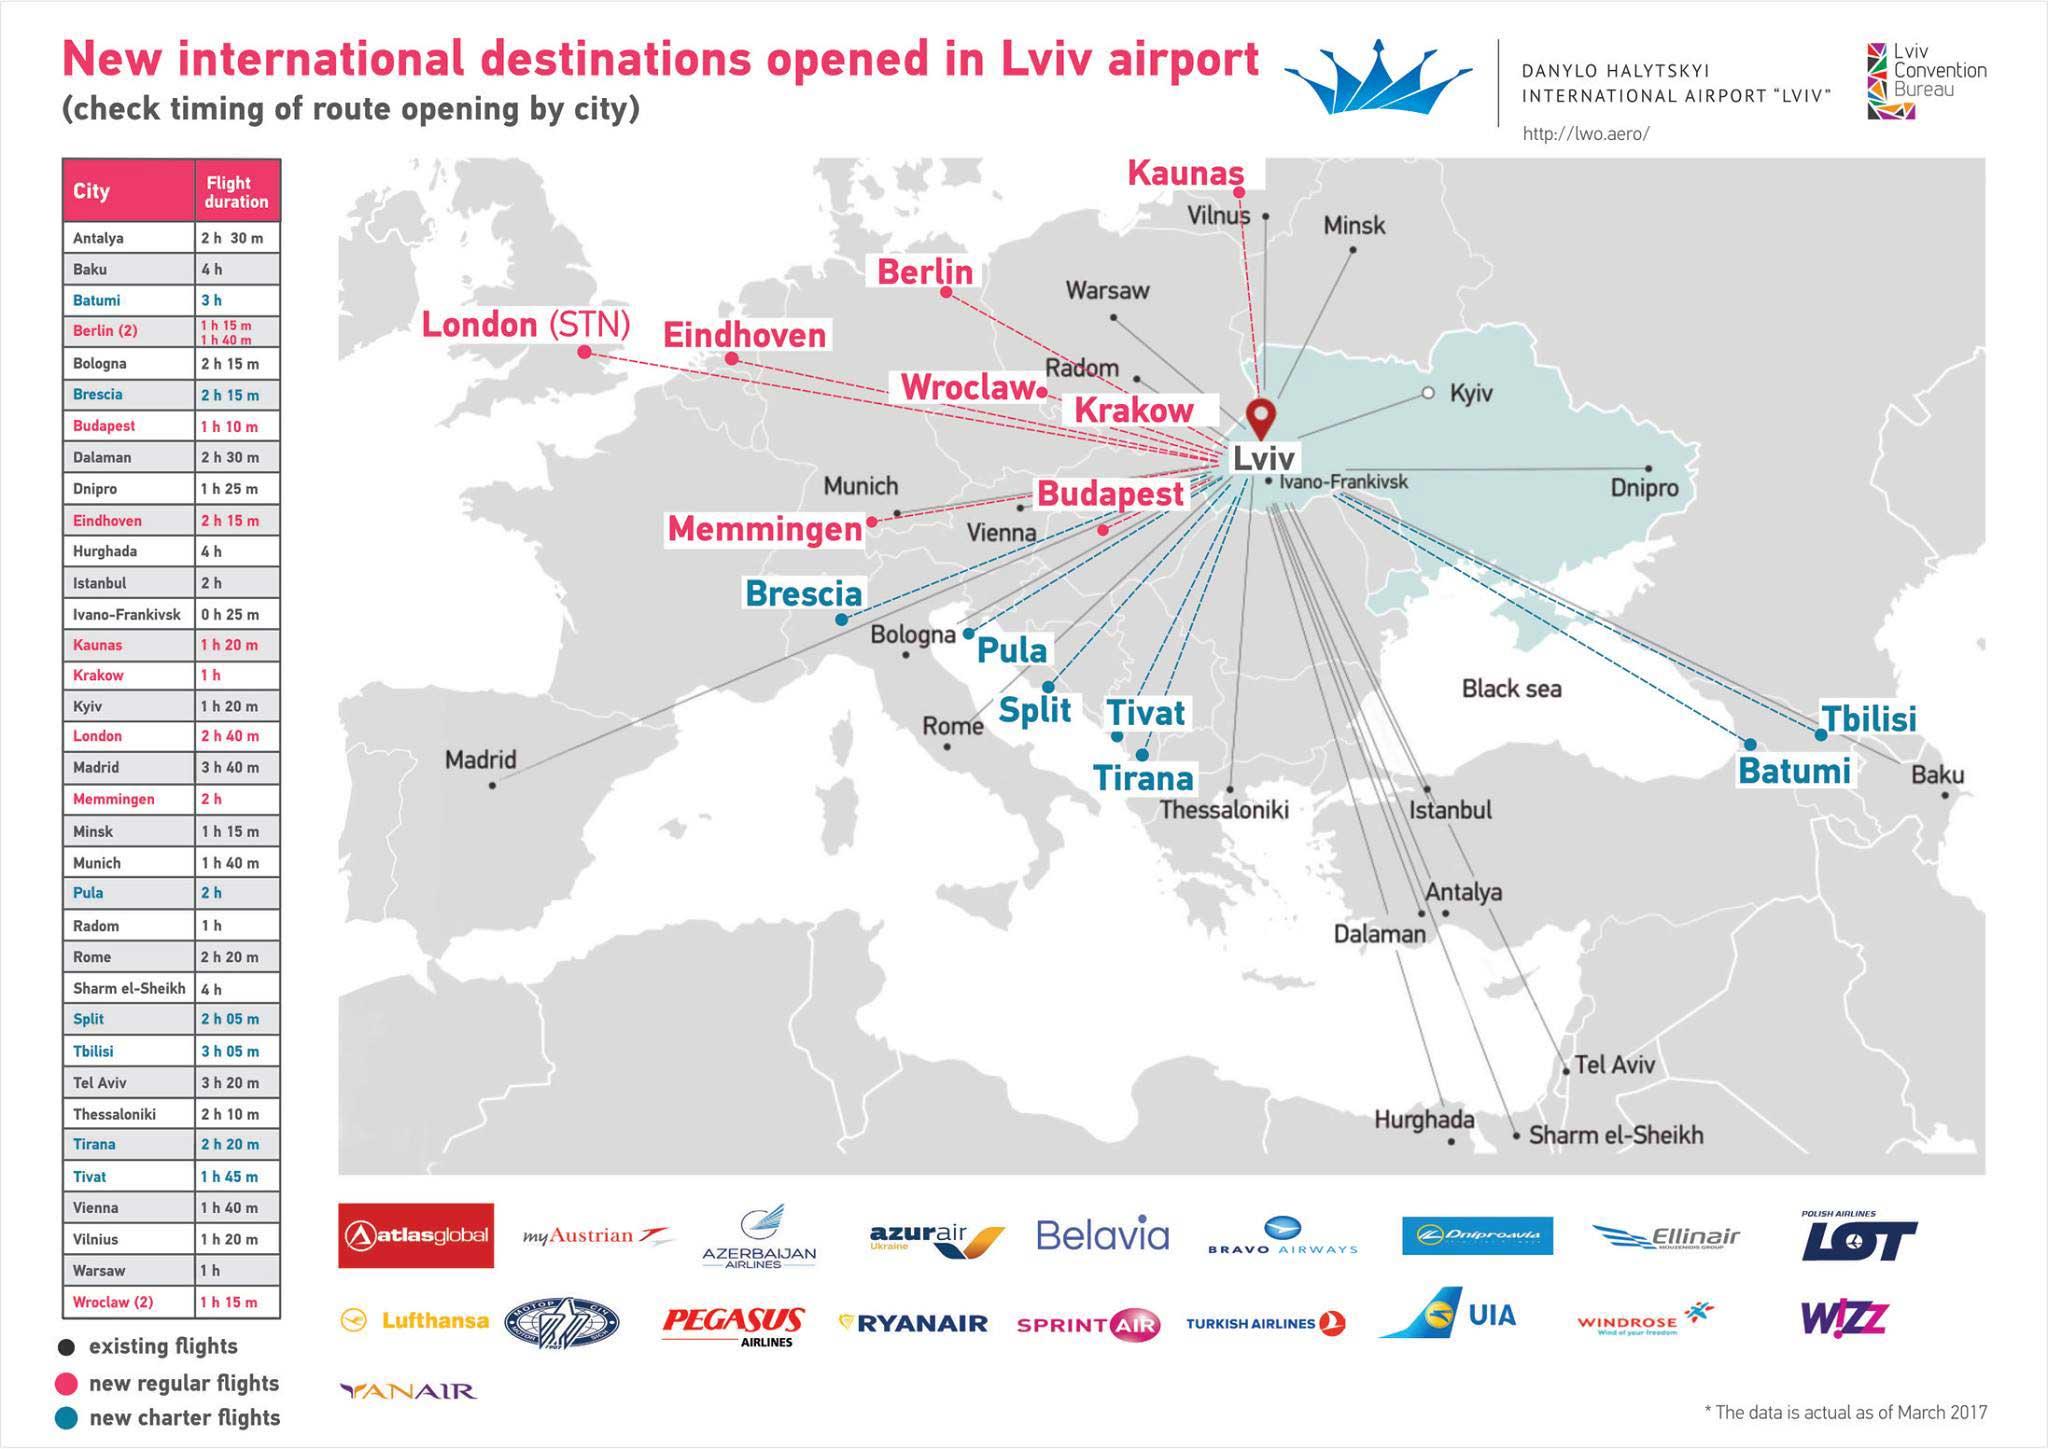 Lviv Uçuş Noktaları, Pegasus Airlines Lviv, Atlas Global Lviv, TurkishAirLines Lviv, Lviv İstanbul, Lviv Dalaman, Lviv Antalya, Lviv Kiev, Lviv Uçuş Noktaları, Lviv den nerelere uçak var, Lviv Türkiye Uçuş Noktaları, Lviv e Direk uçuş Noktaları, Lviv Hava Limanı